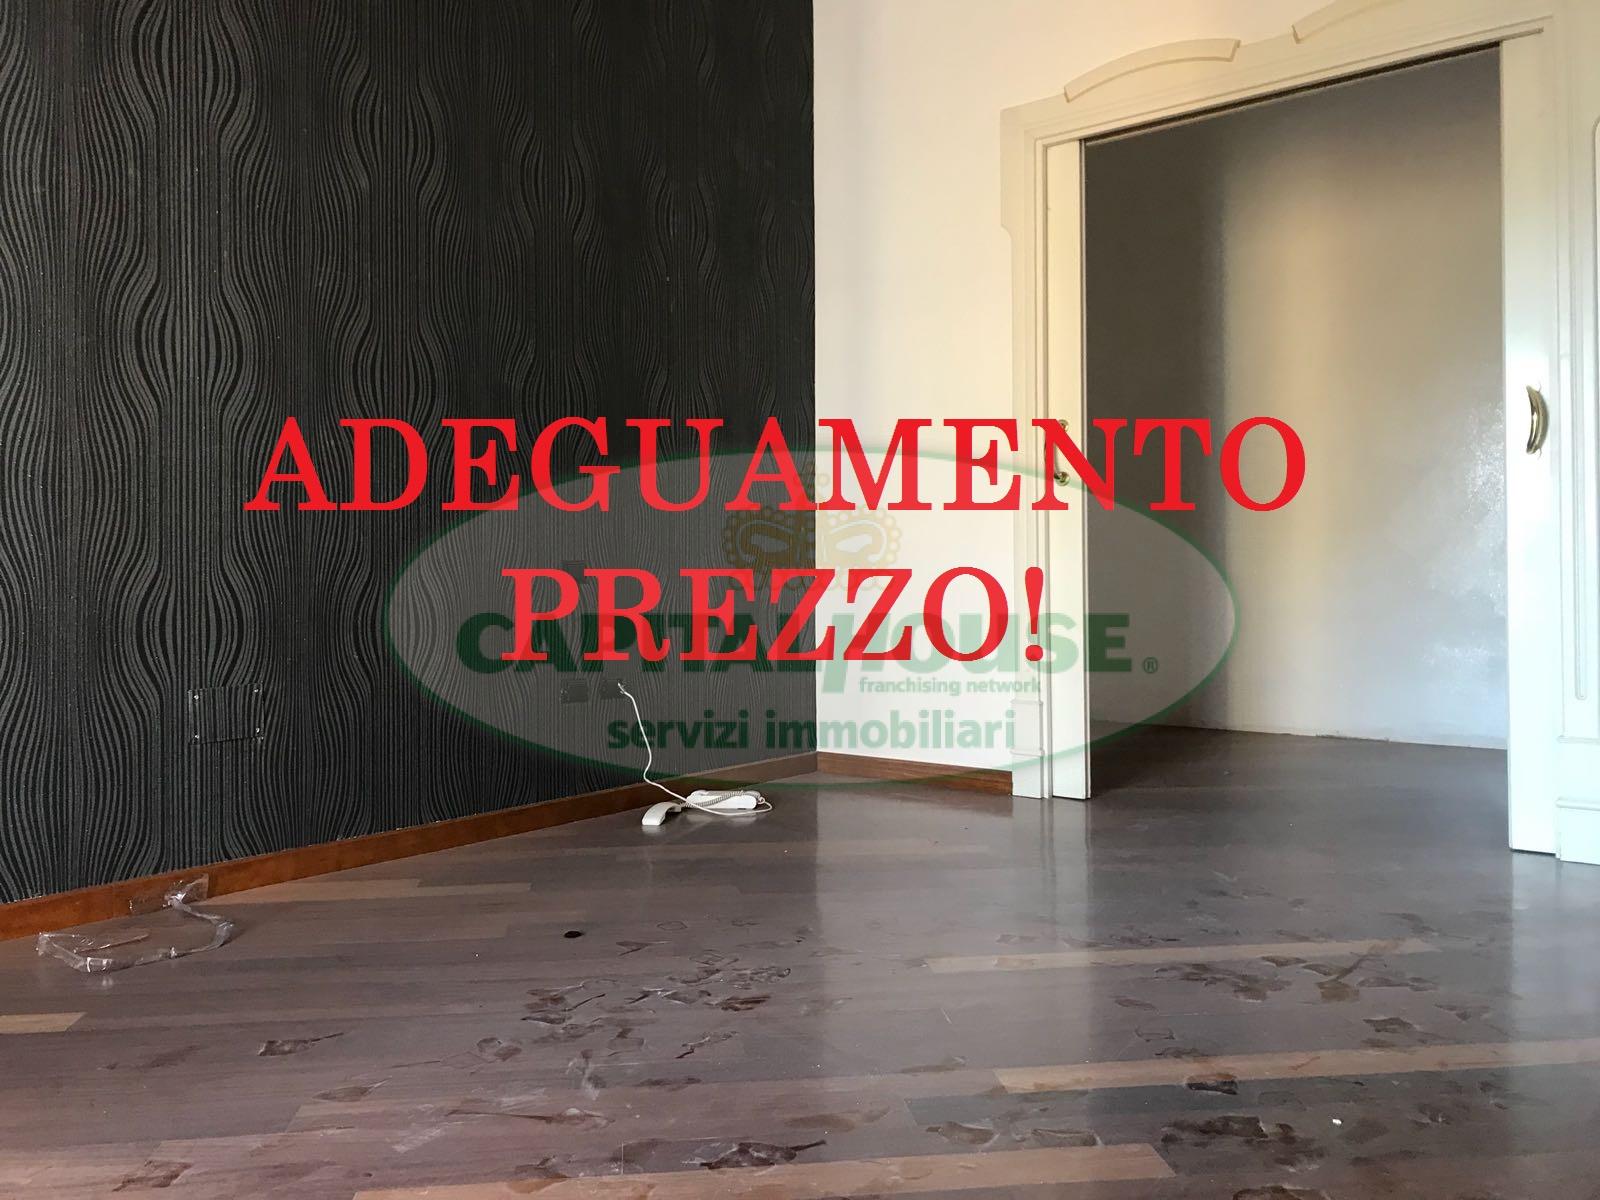 Appartamento in affitto a Afragola, 2 locali, zona Località: ViaOberdan, prezzo € 550 | CambioCasa.it